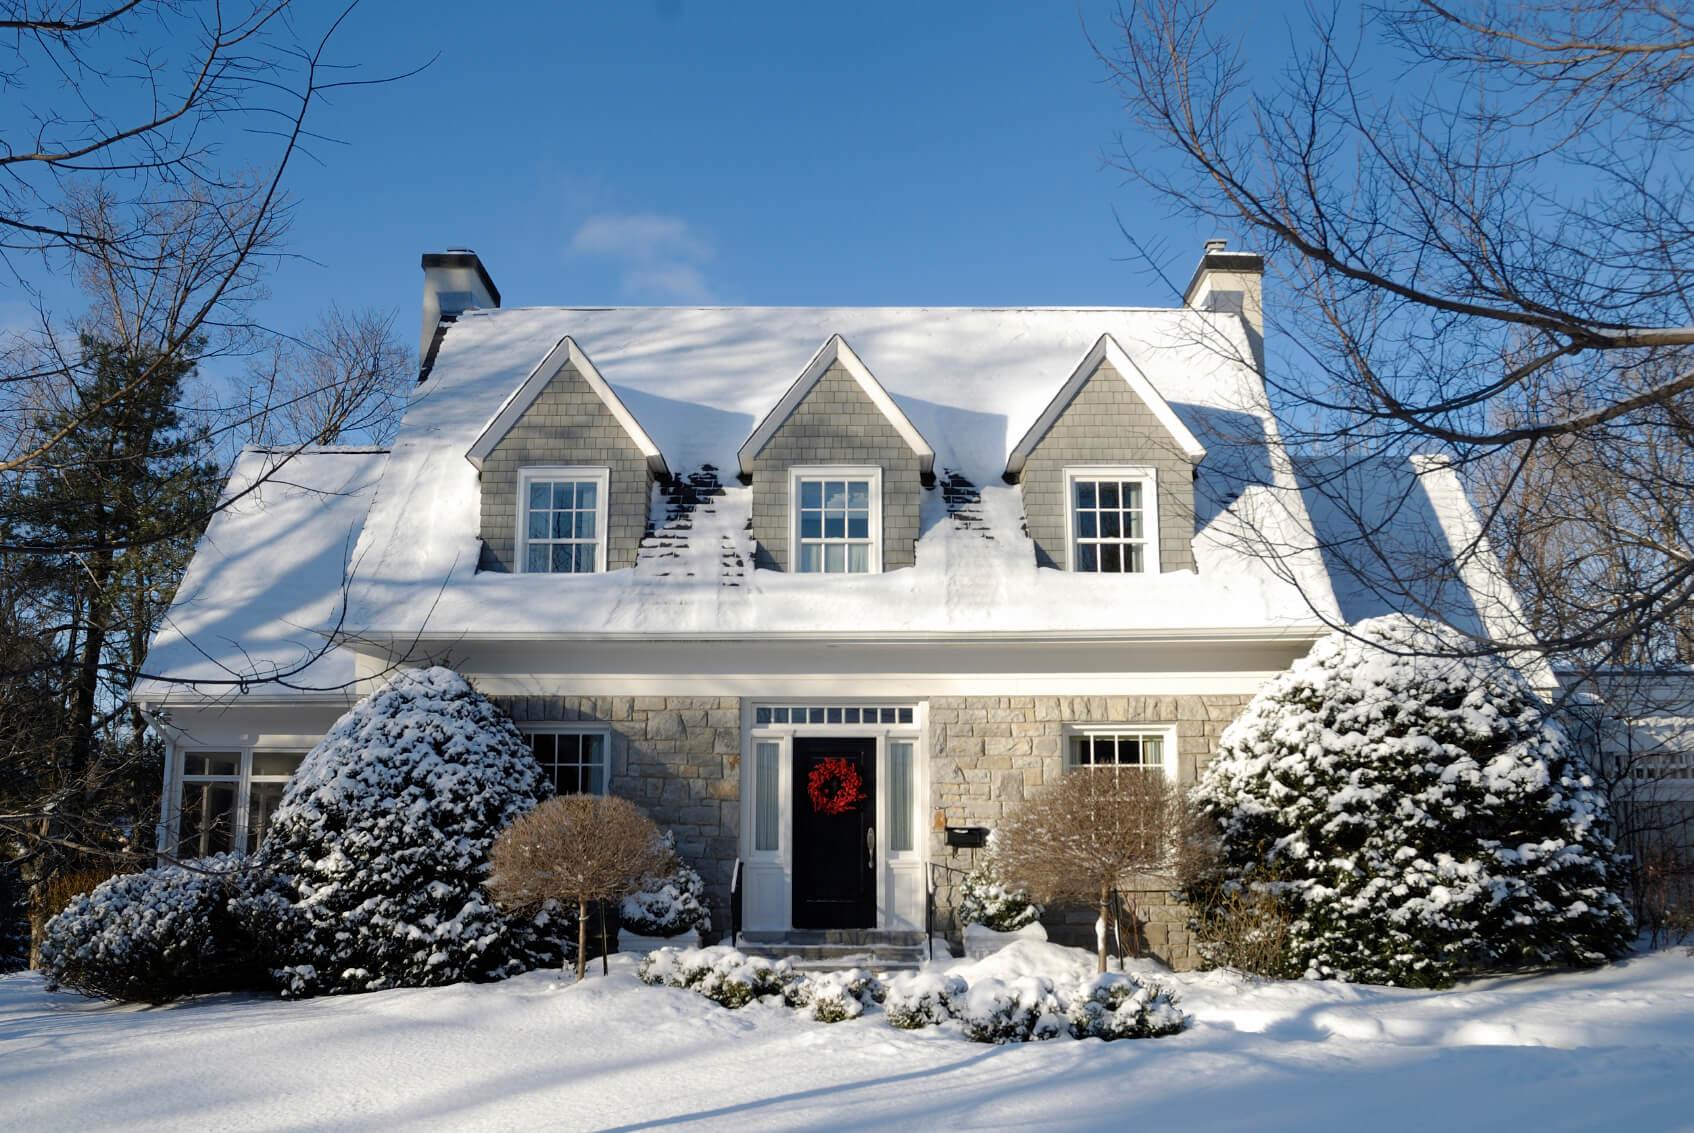 locuinta pregatita pentru iarna